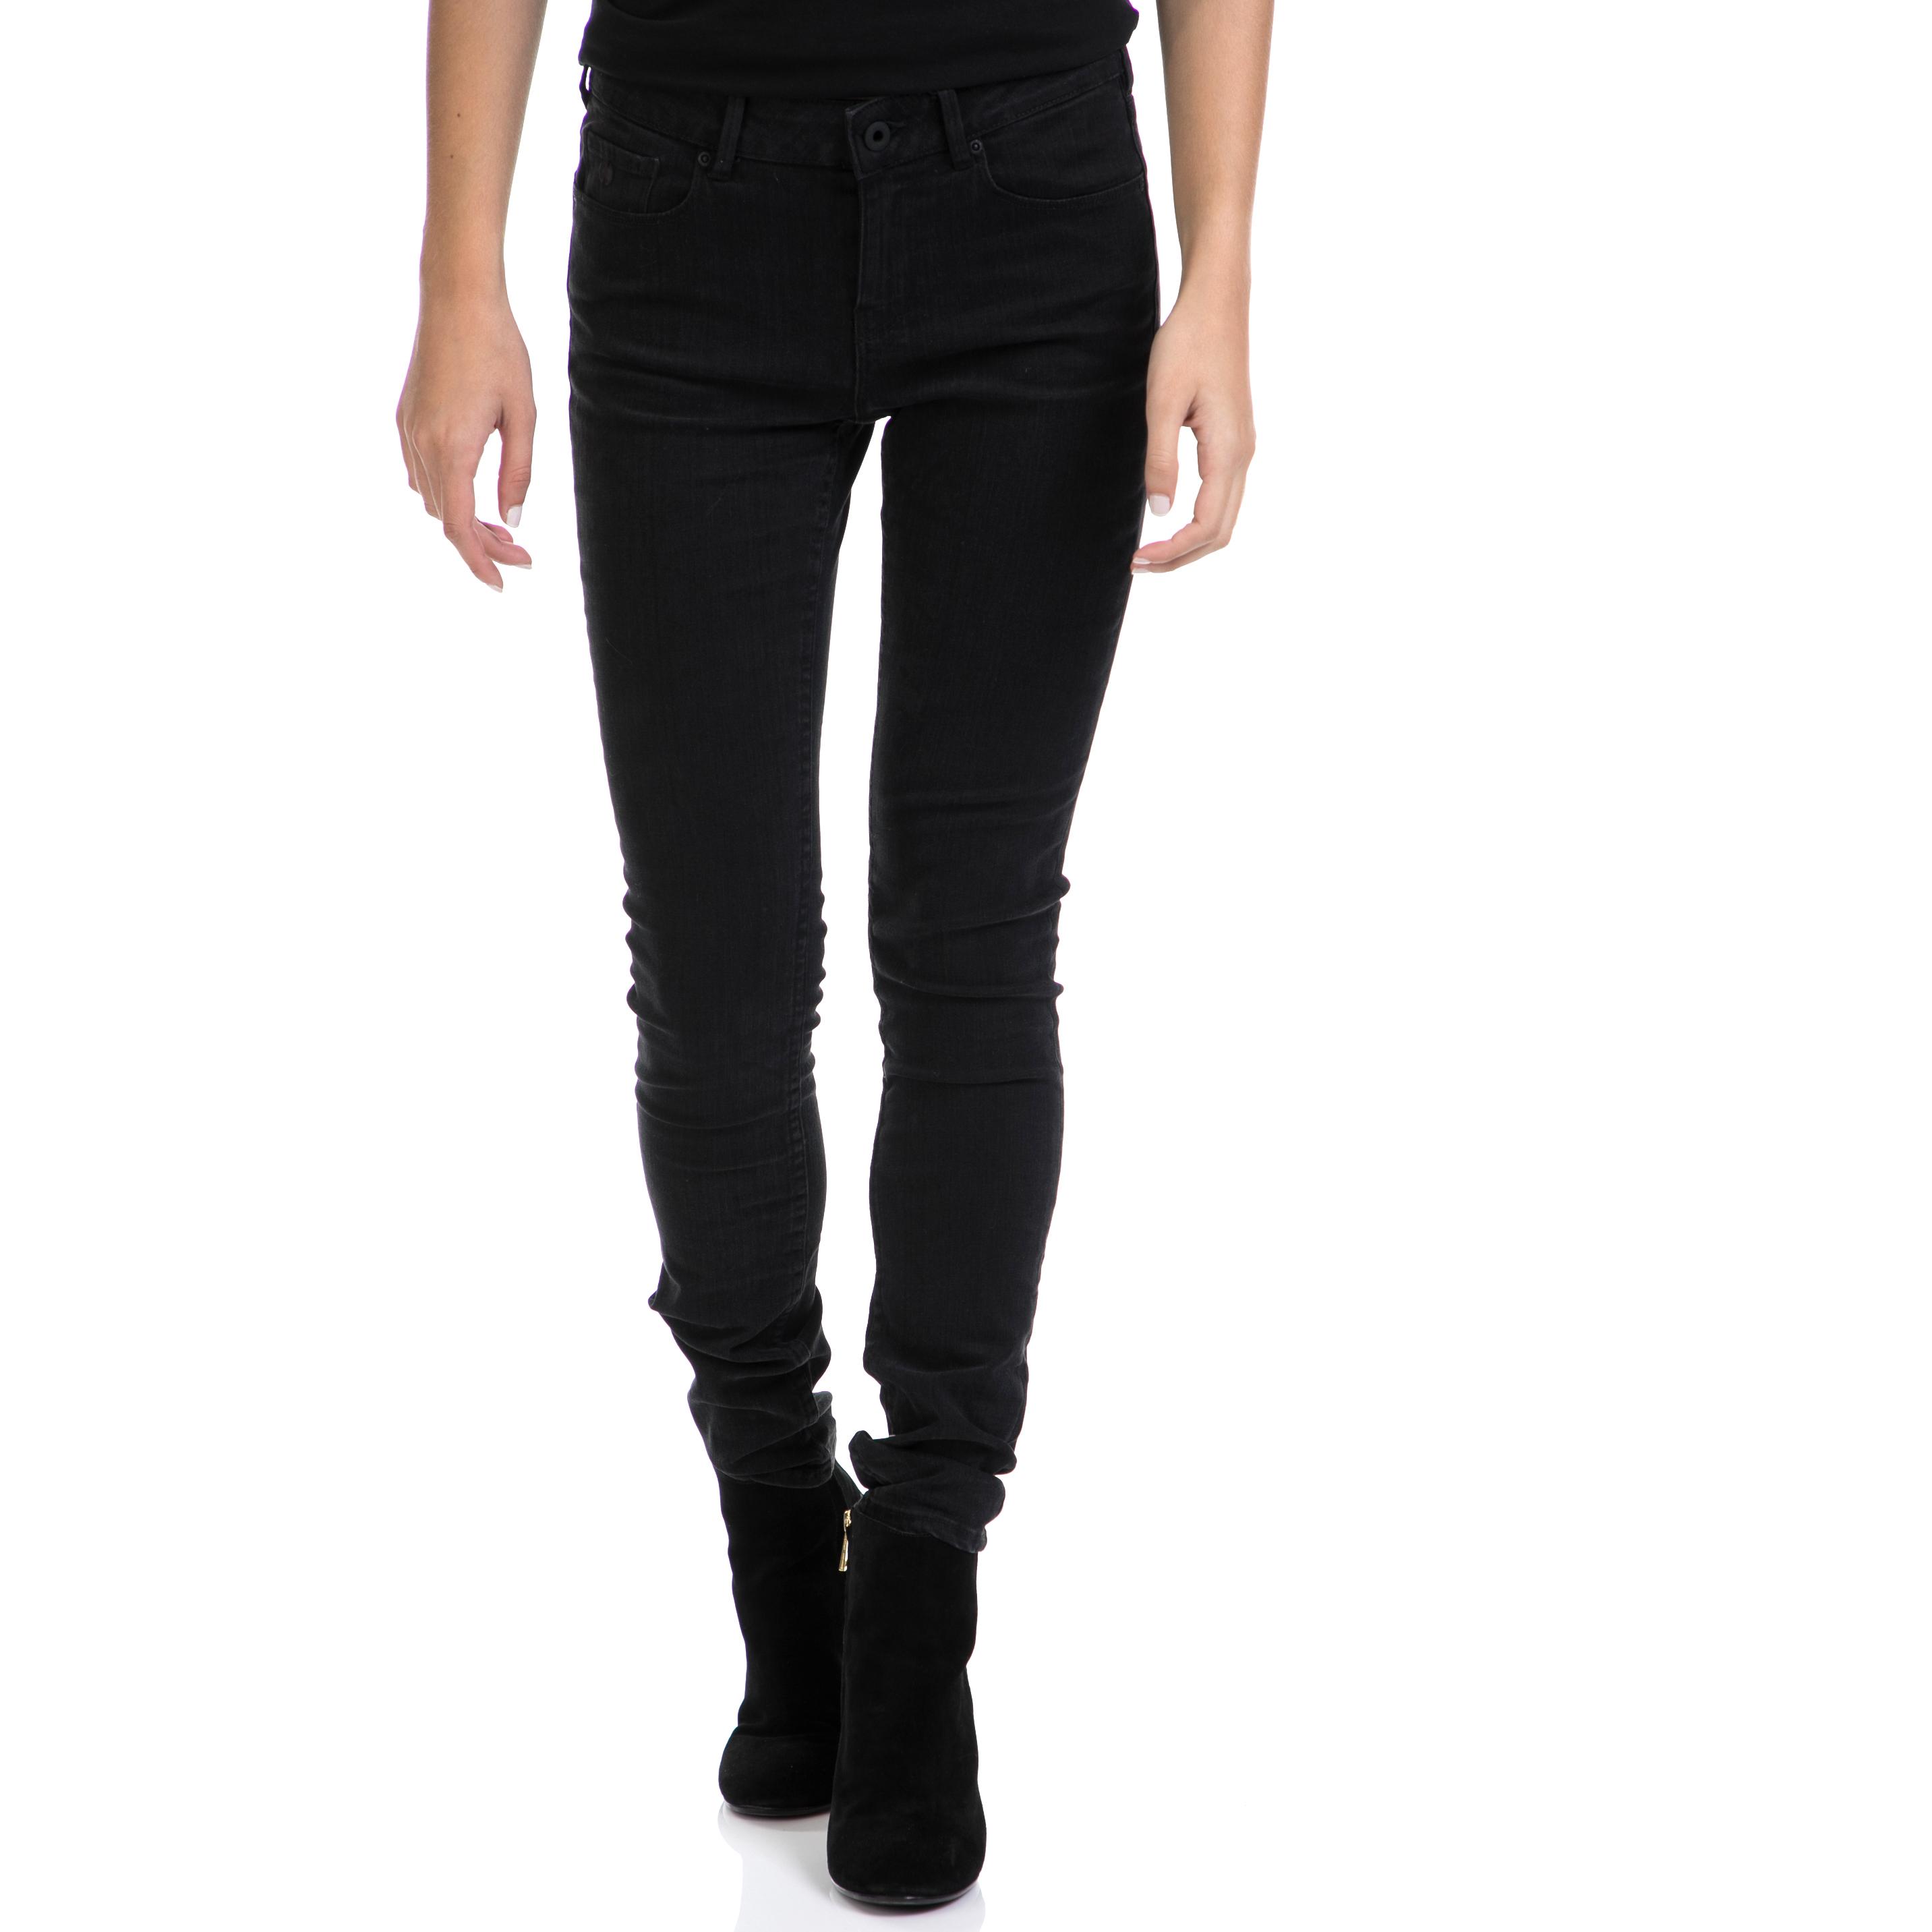 MAISON SCOTCH – Γυναικείο παντελόνι NOS – La Bohemienne – Precious MAISON SCOTCH μαύρο